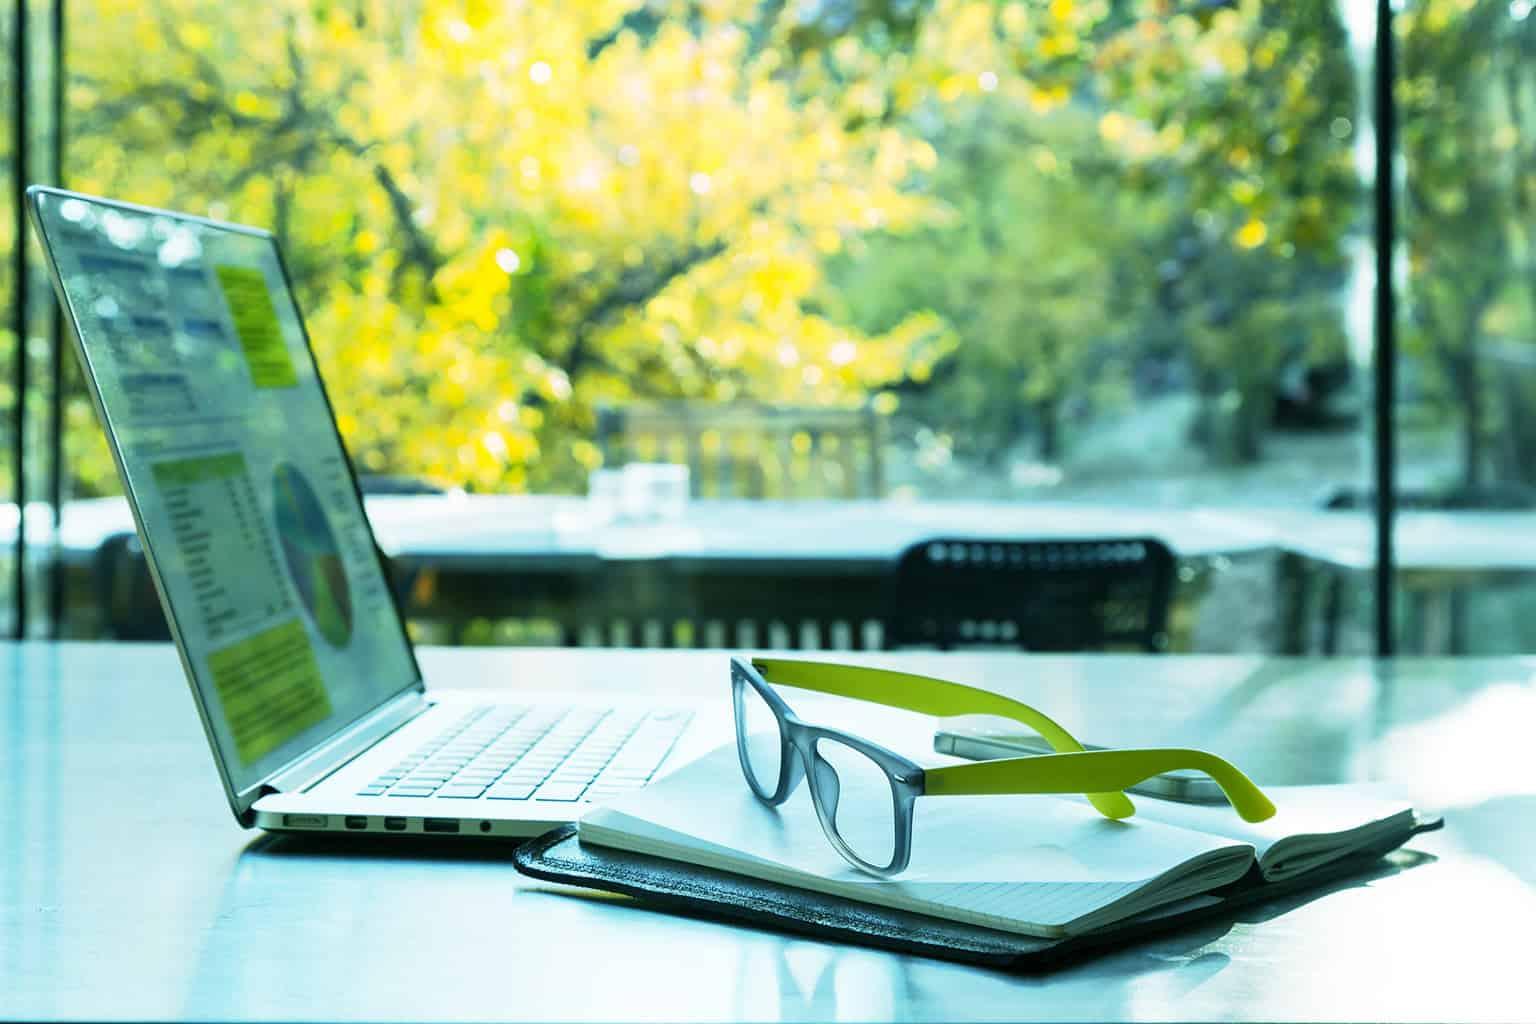 Laptop og briller som ligger på et verandabord med grønne trær i bakgrunnen